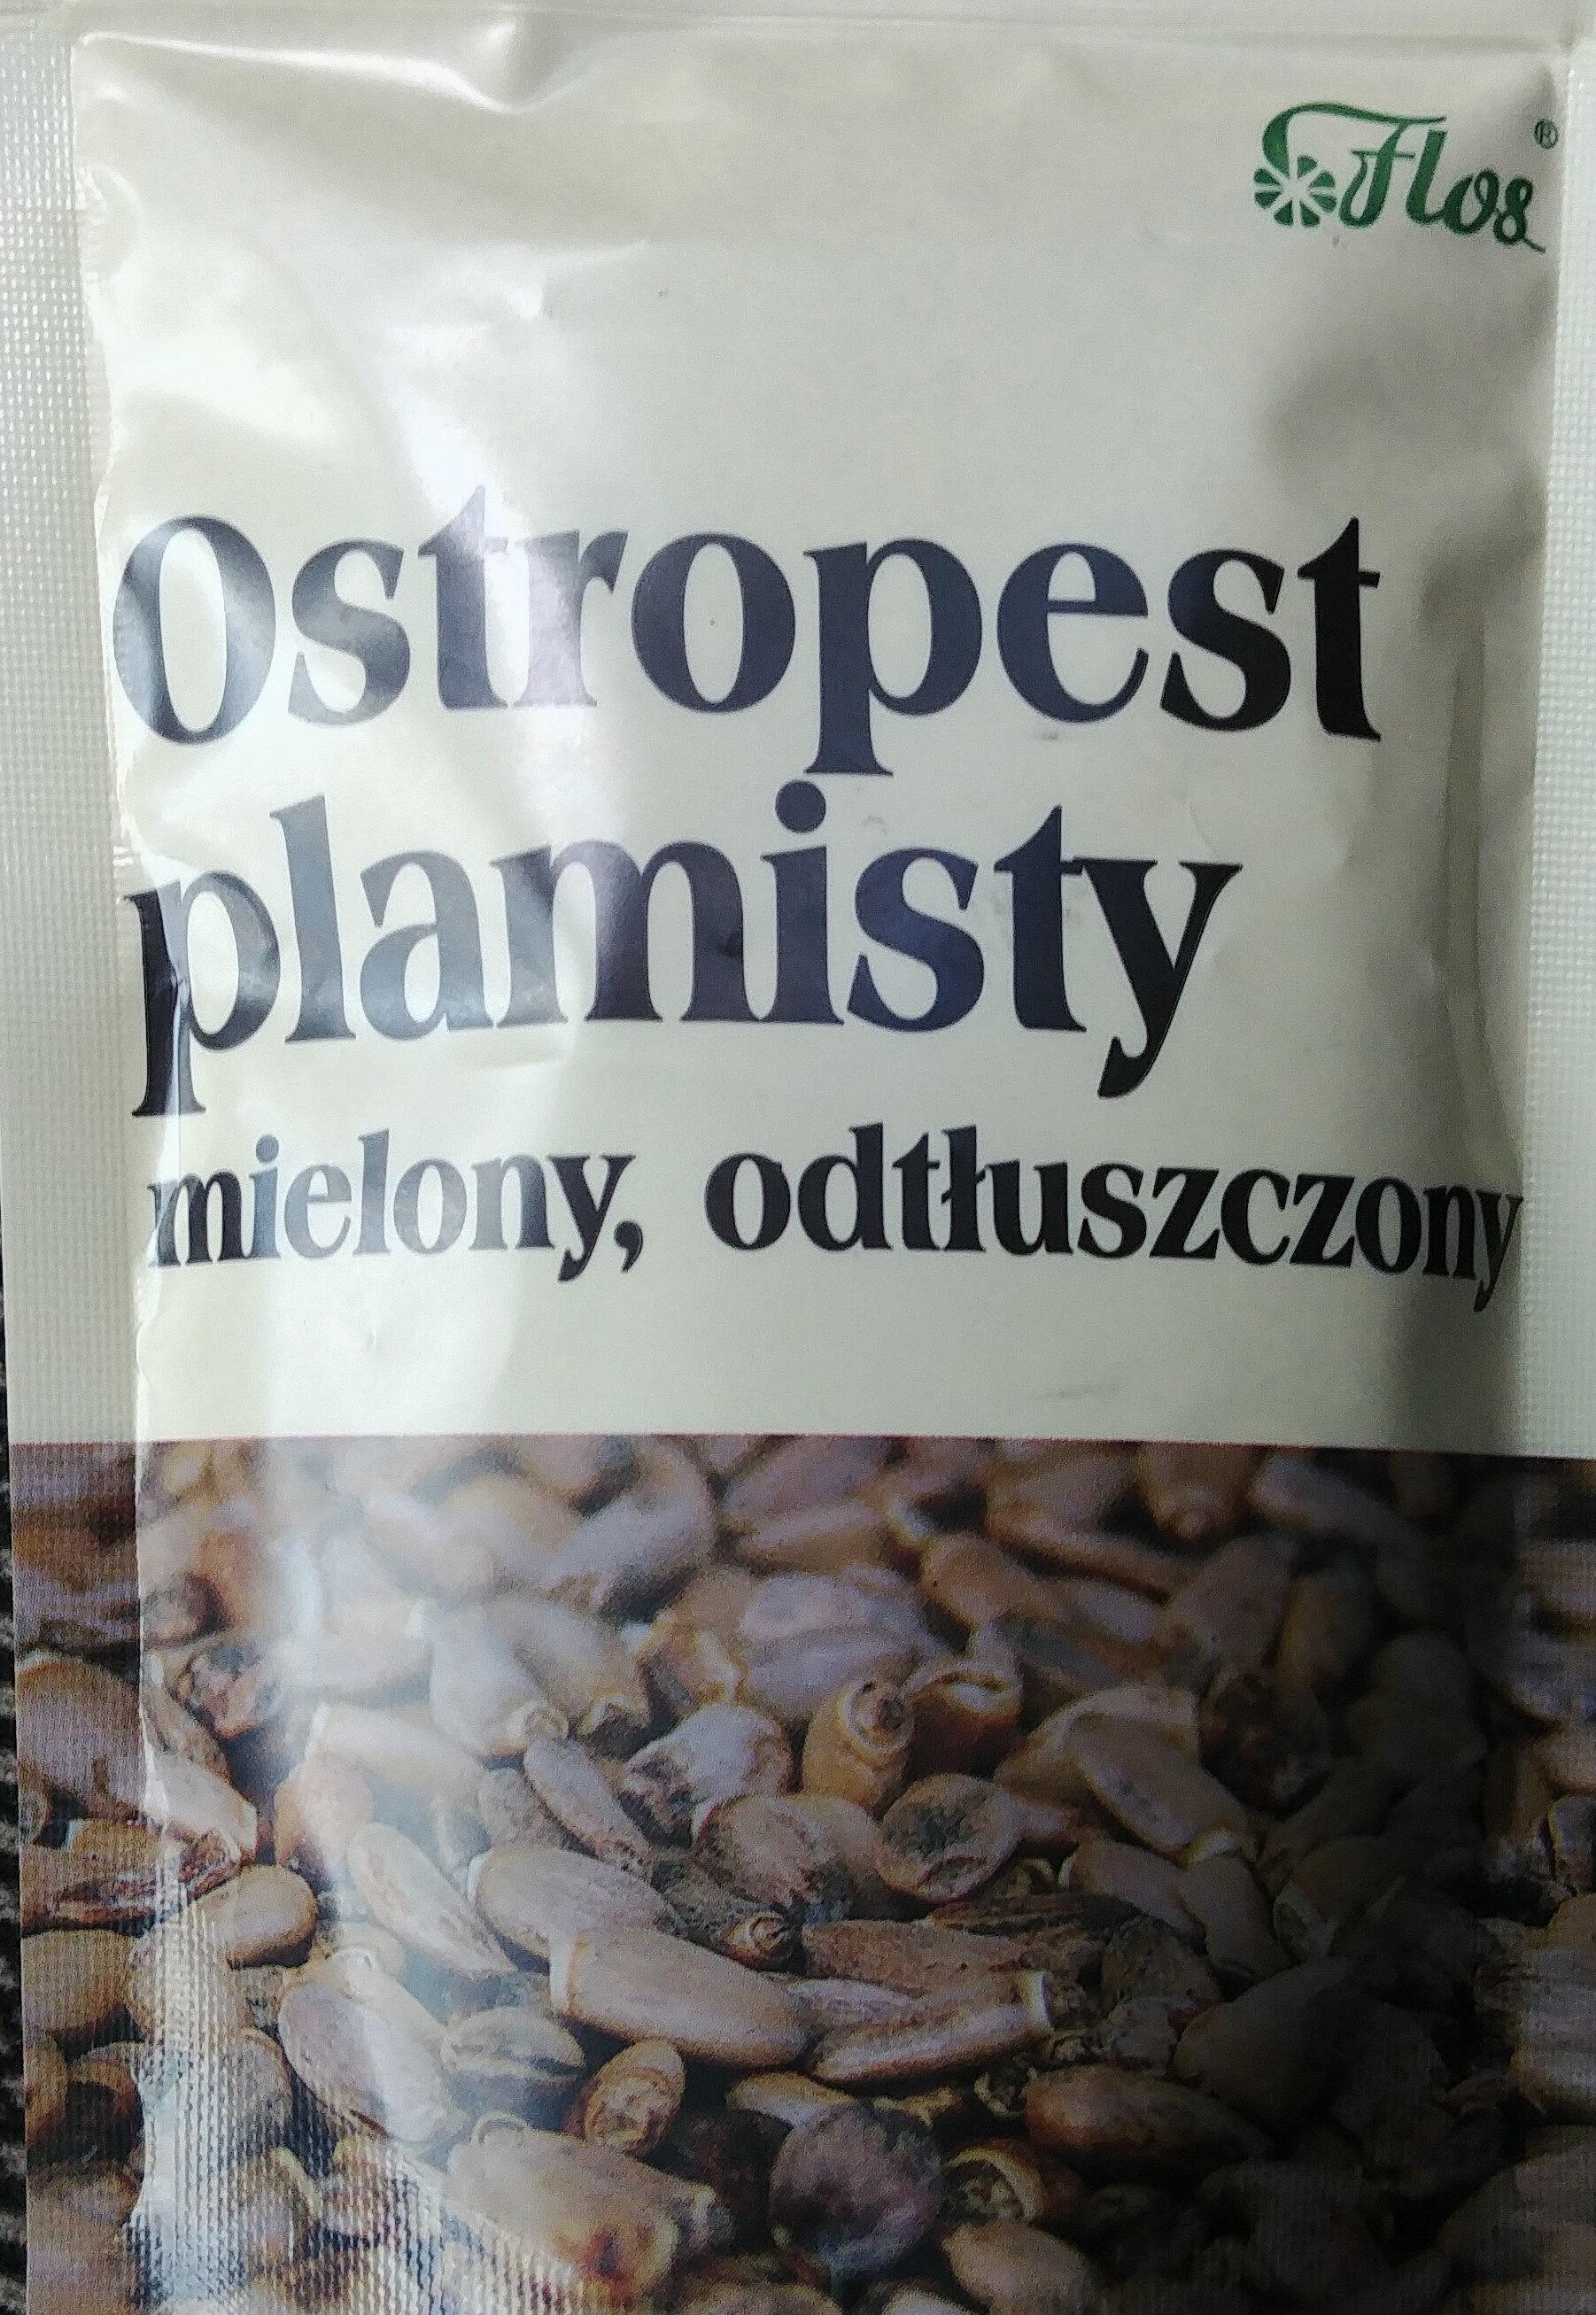 Ostropest plamisty mielony, odtłuszczony. - Product - pl